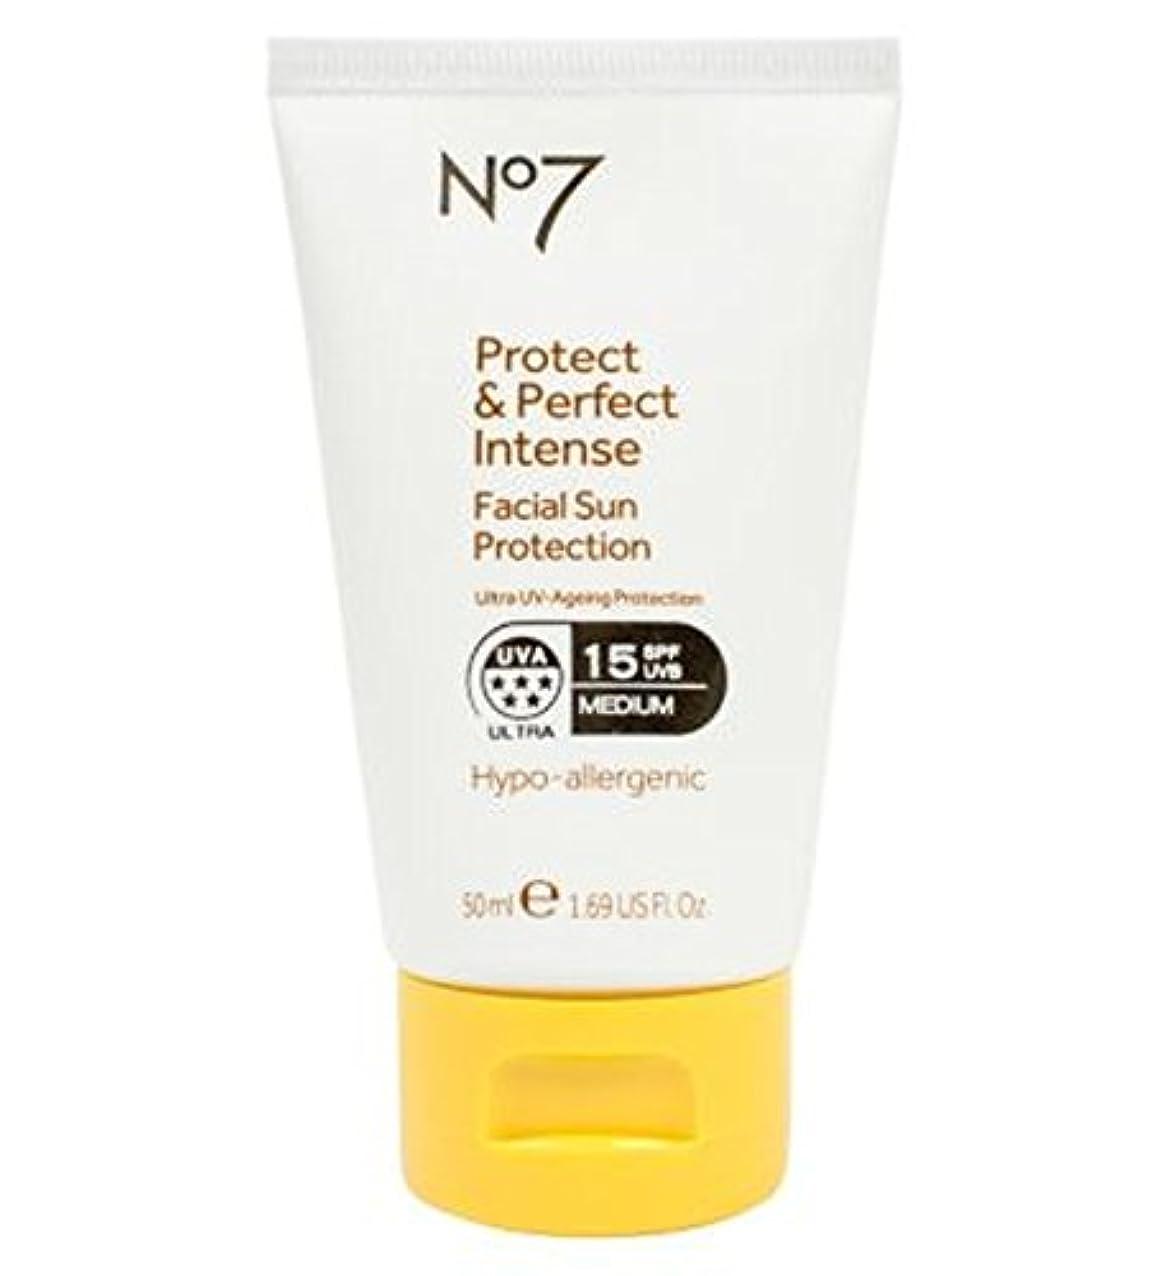 リッチ家族何でもNo7保護&完璧な強烈な顔の日焼け防止Spf 15 50ミリリットル (No7) (x2) - No7 Protect & Perfect Intense Facial Sun Protection SPF 15 50ml...